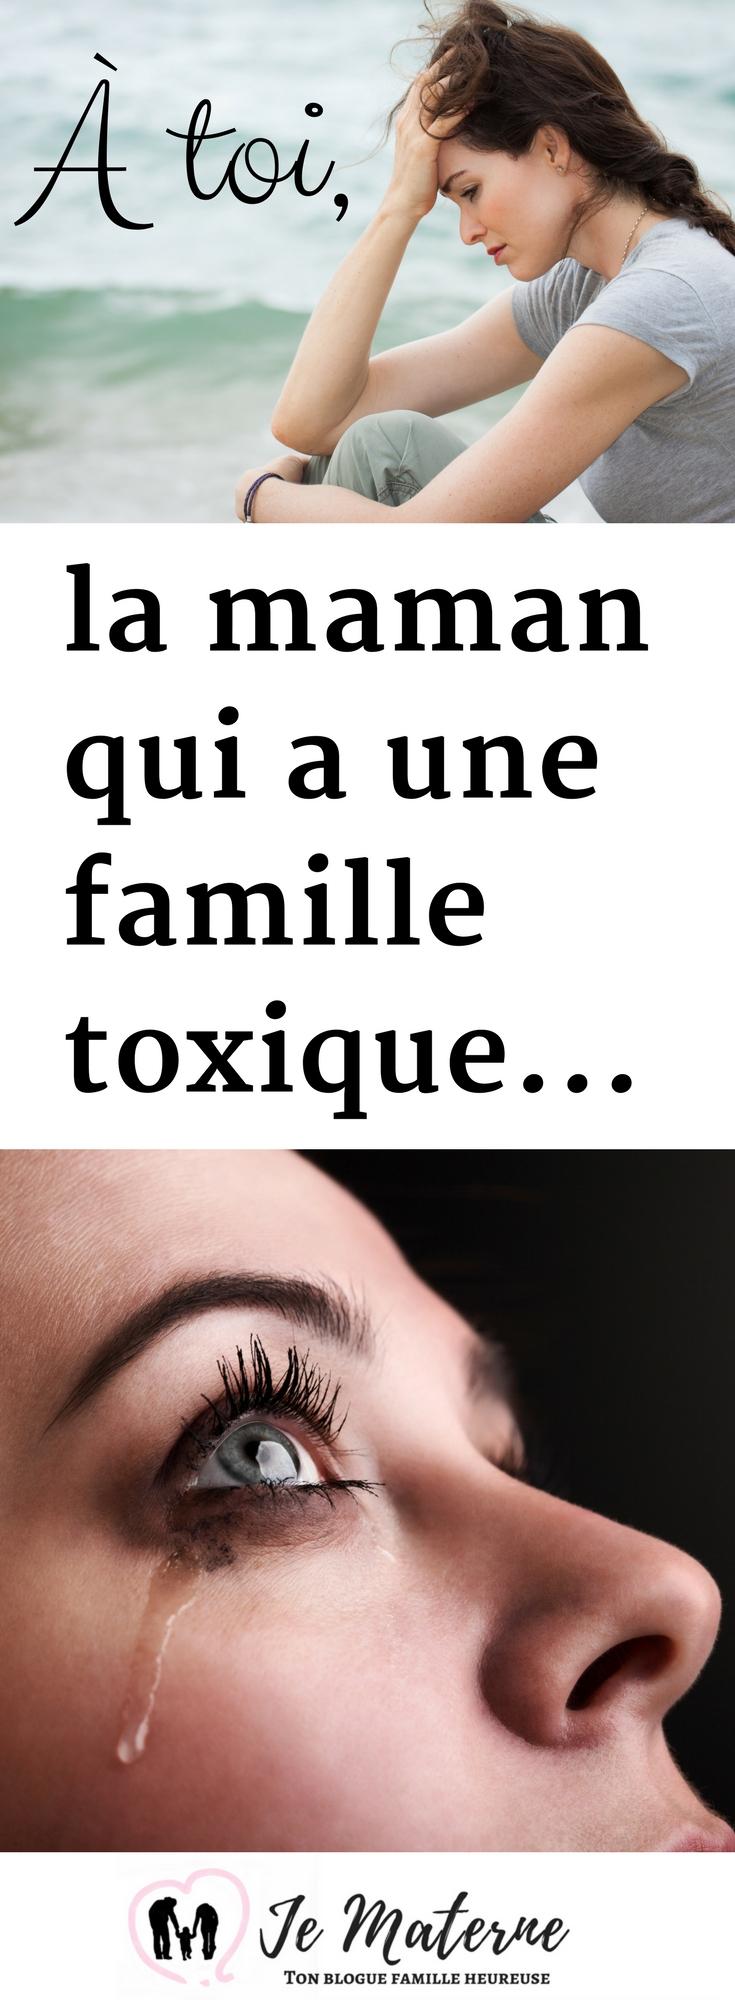 À LIRE! À toi, la maman qui a une famille toxique, www.JeMaterne.com